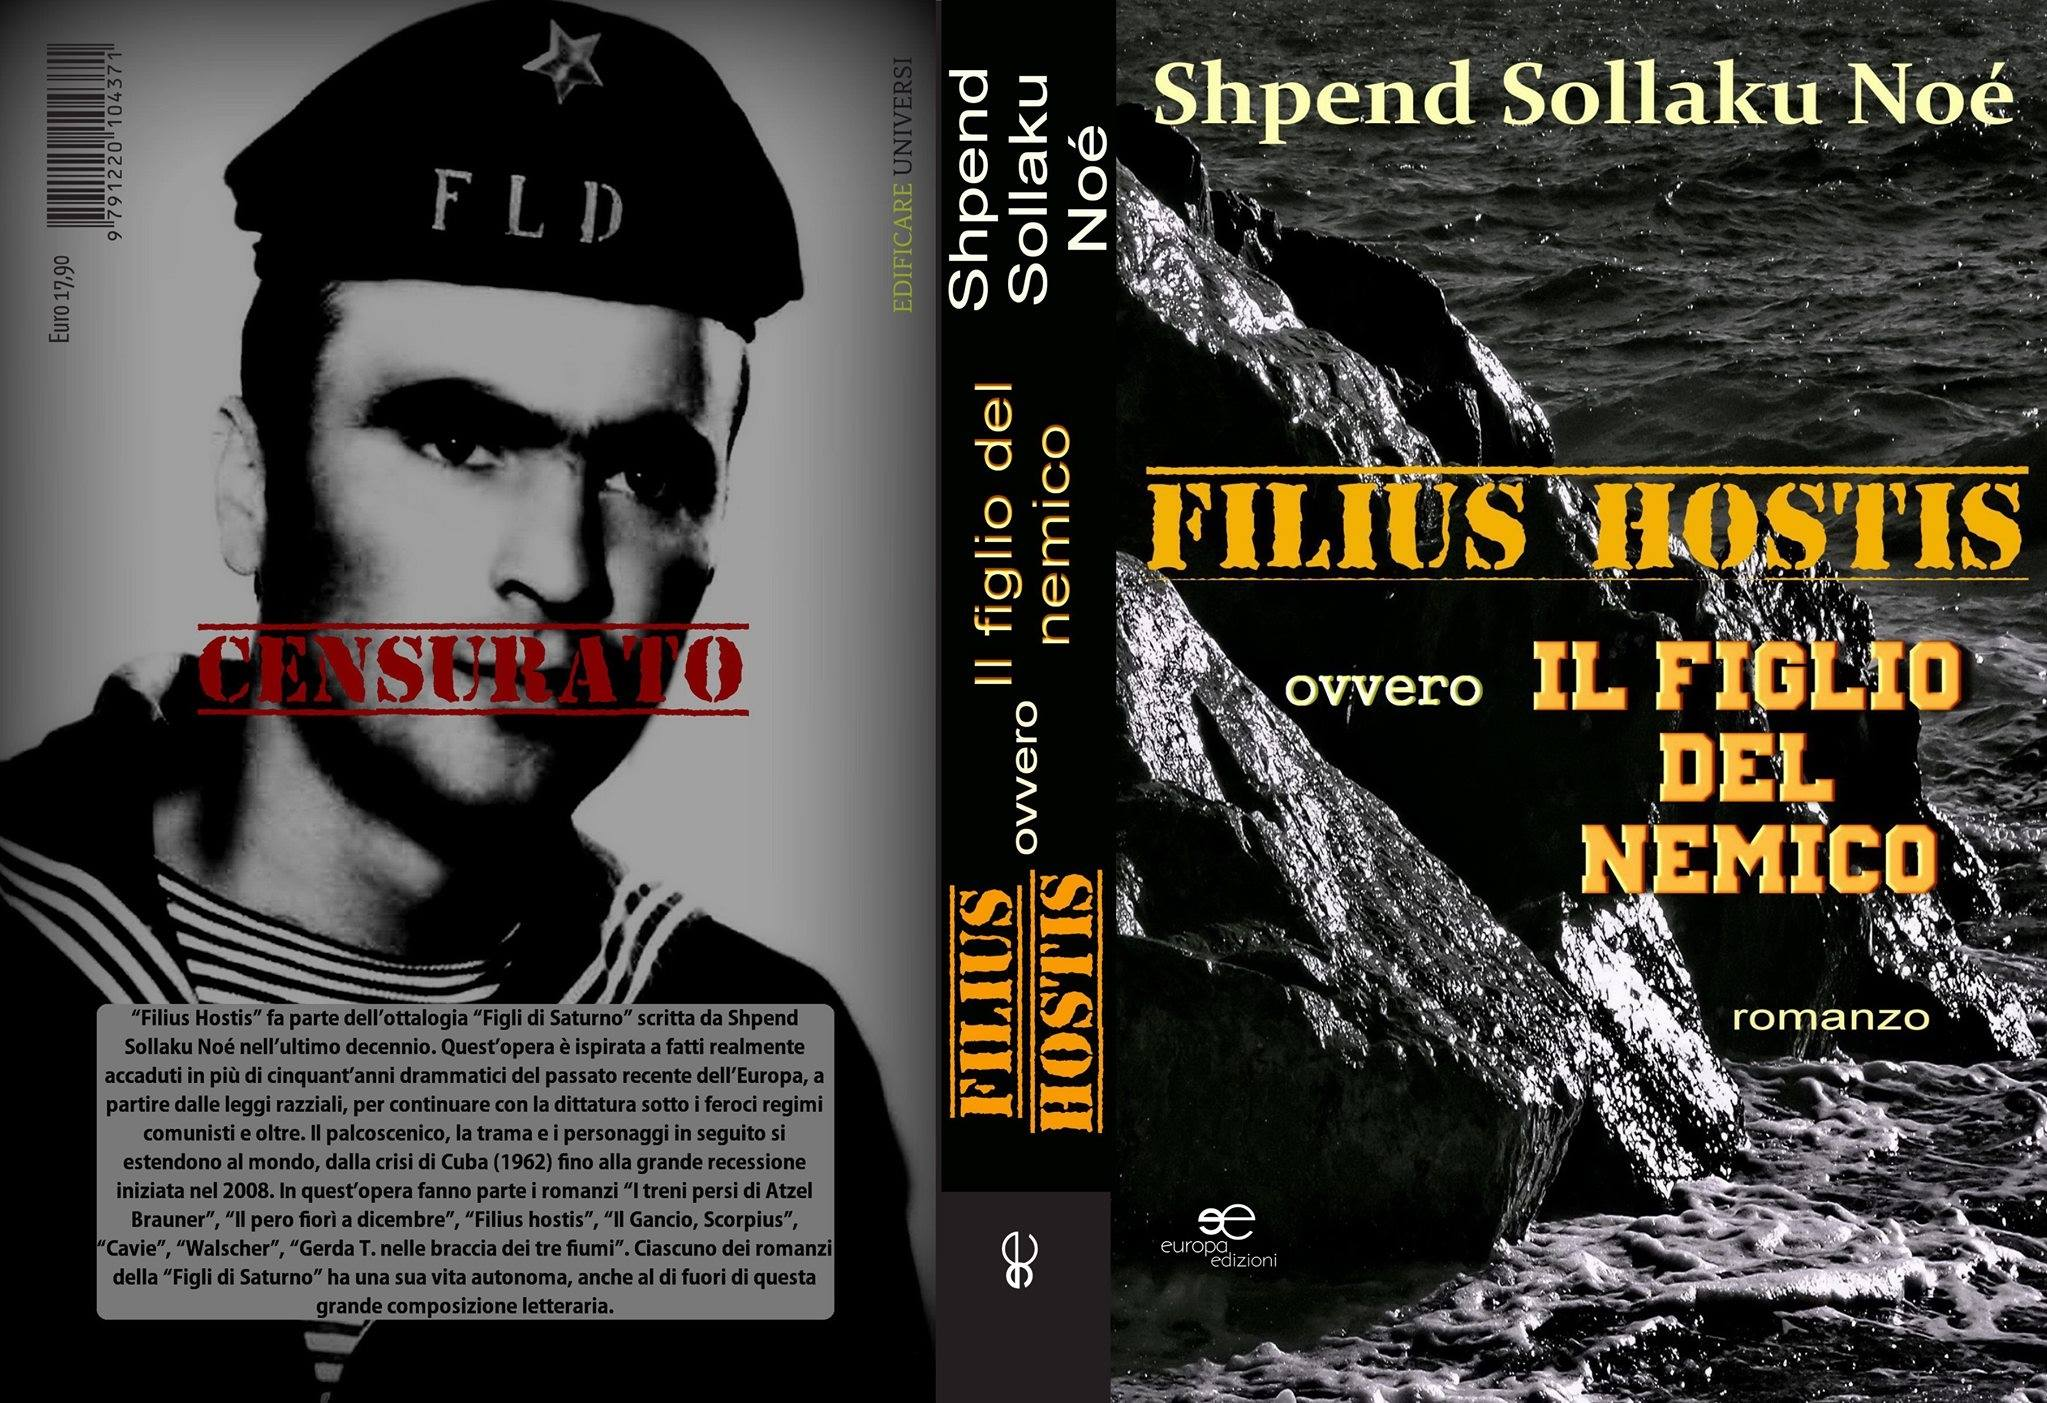 """Shpend Sollaku Noè - """"Filius Hostis ovvero Il figlio del nemico"""" - roman"""